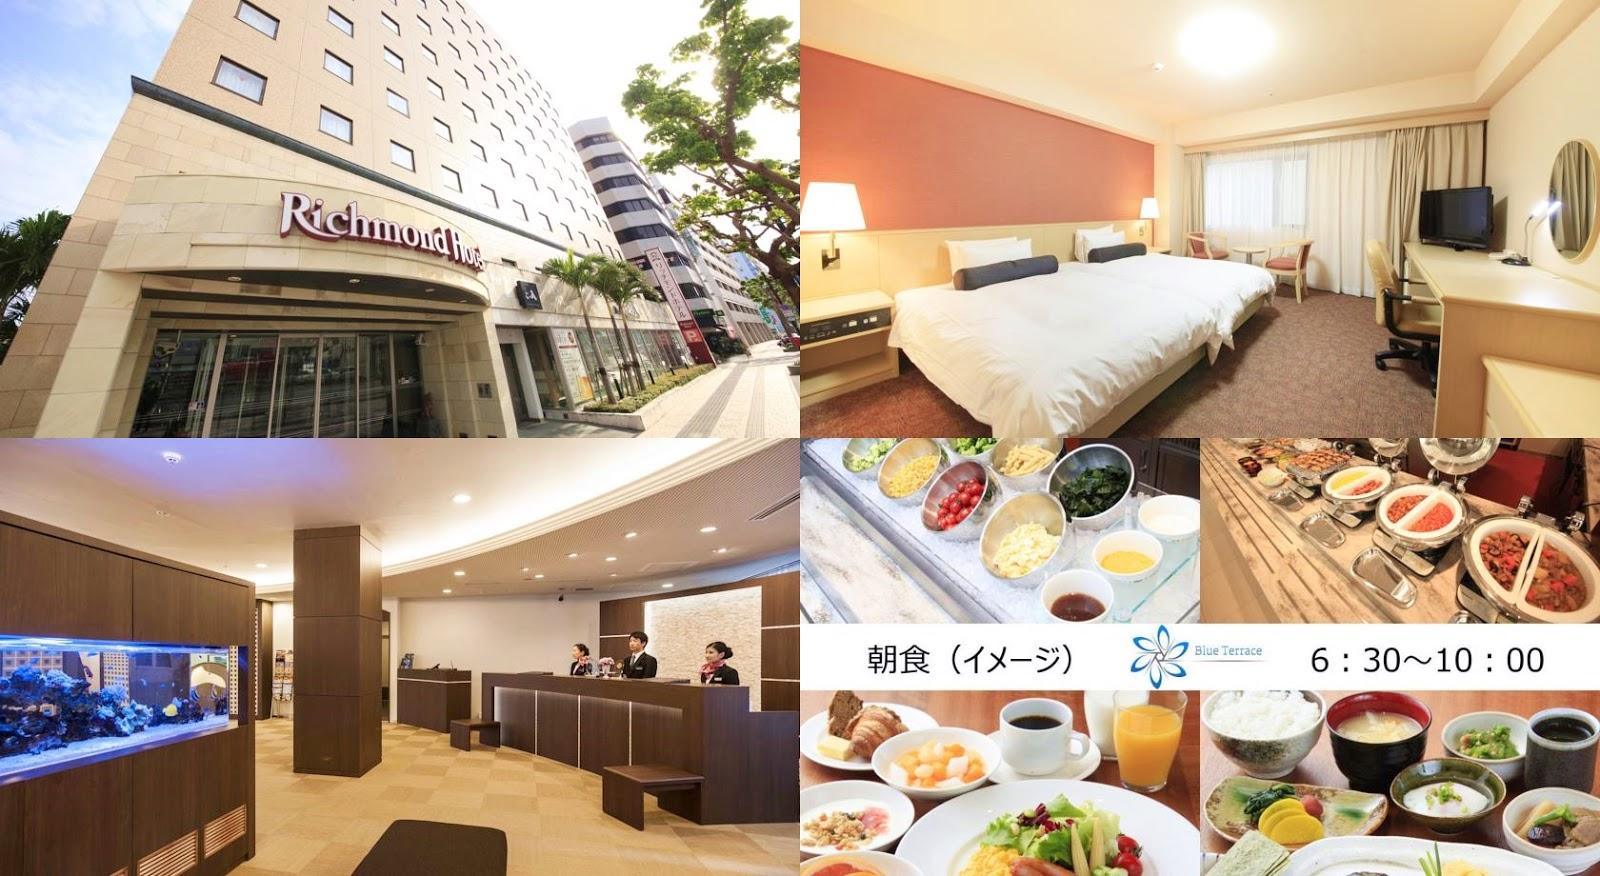 沖繩-住宿-推薦-那霸-久茂地里士滿酒店-Richmond-Hotel-Naha-Kumoji-Okinawa-hotel-recommendation